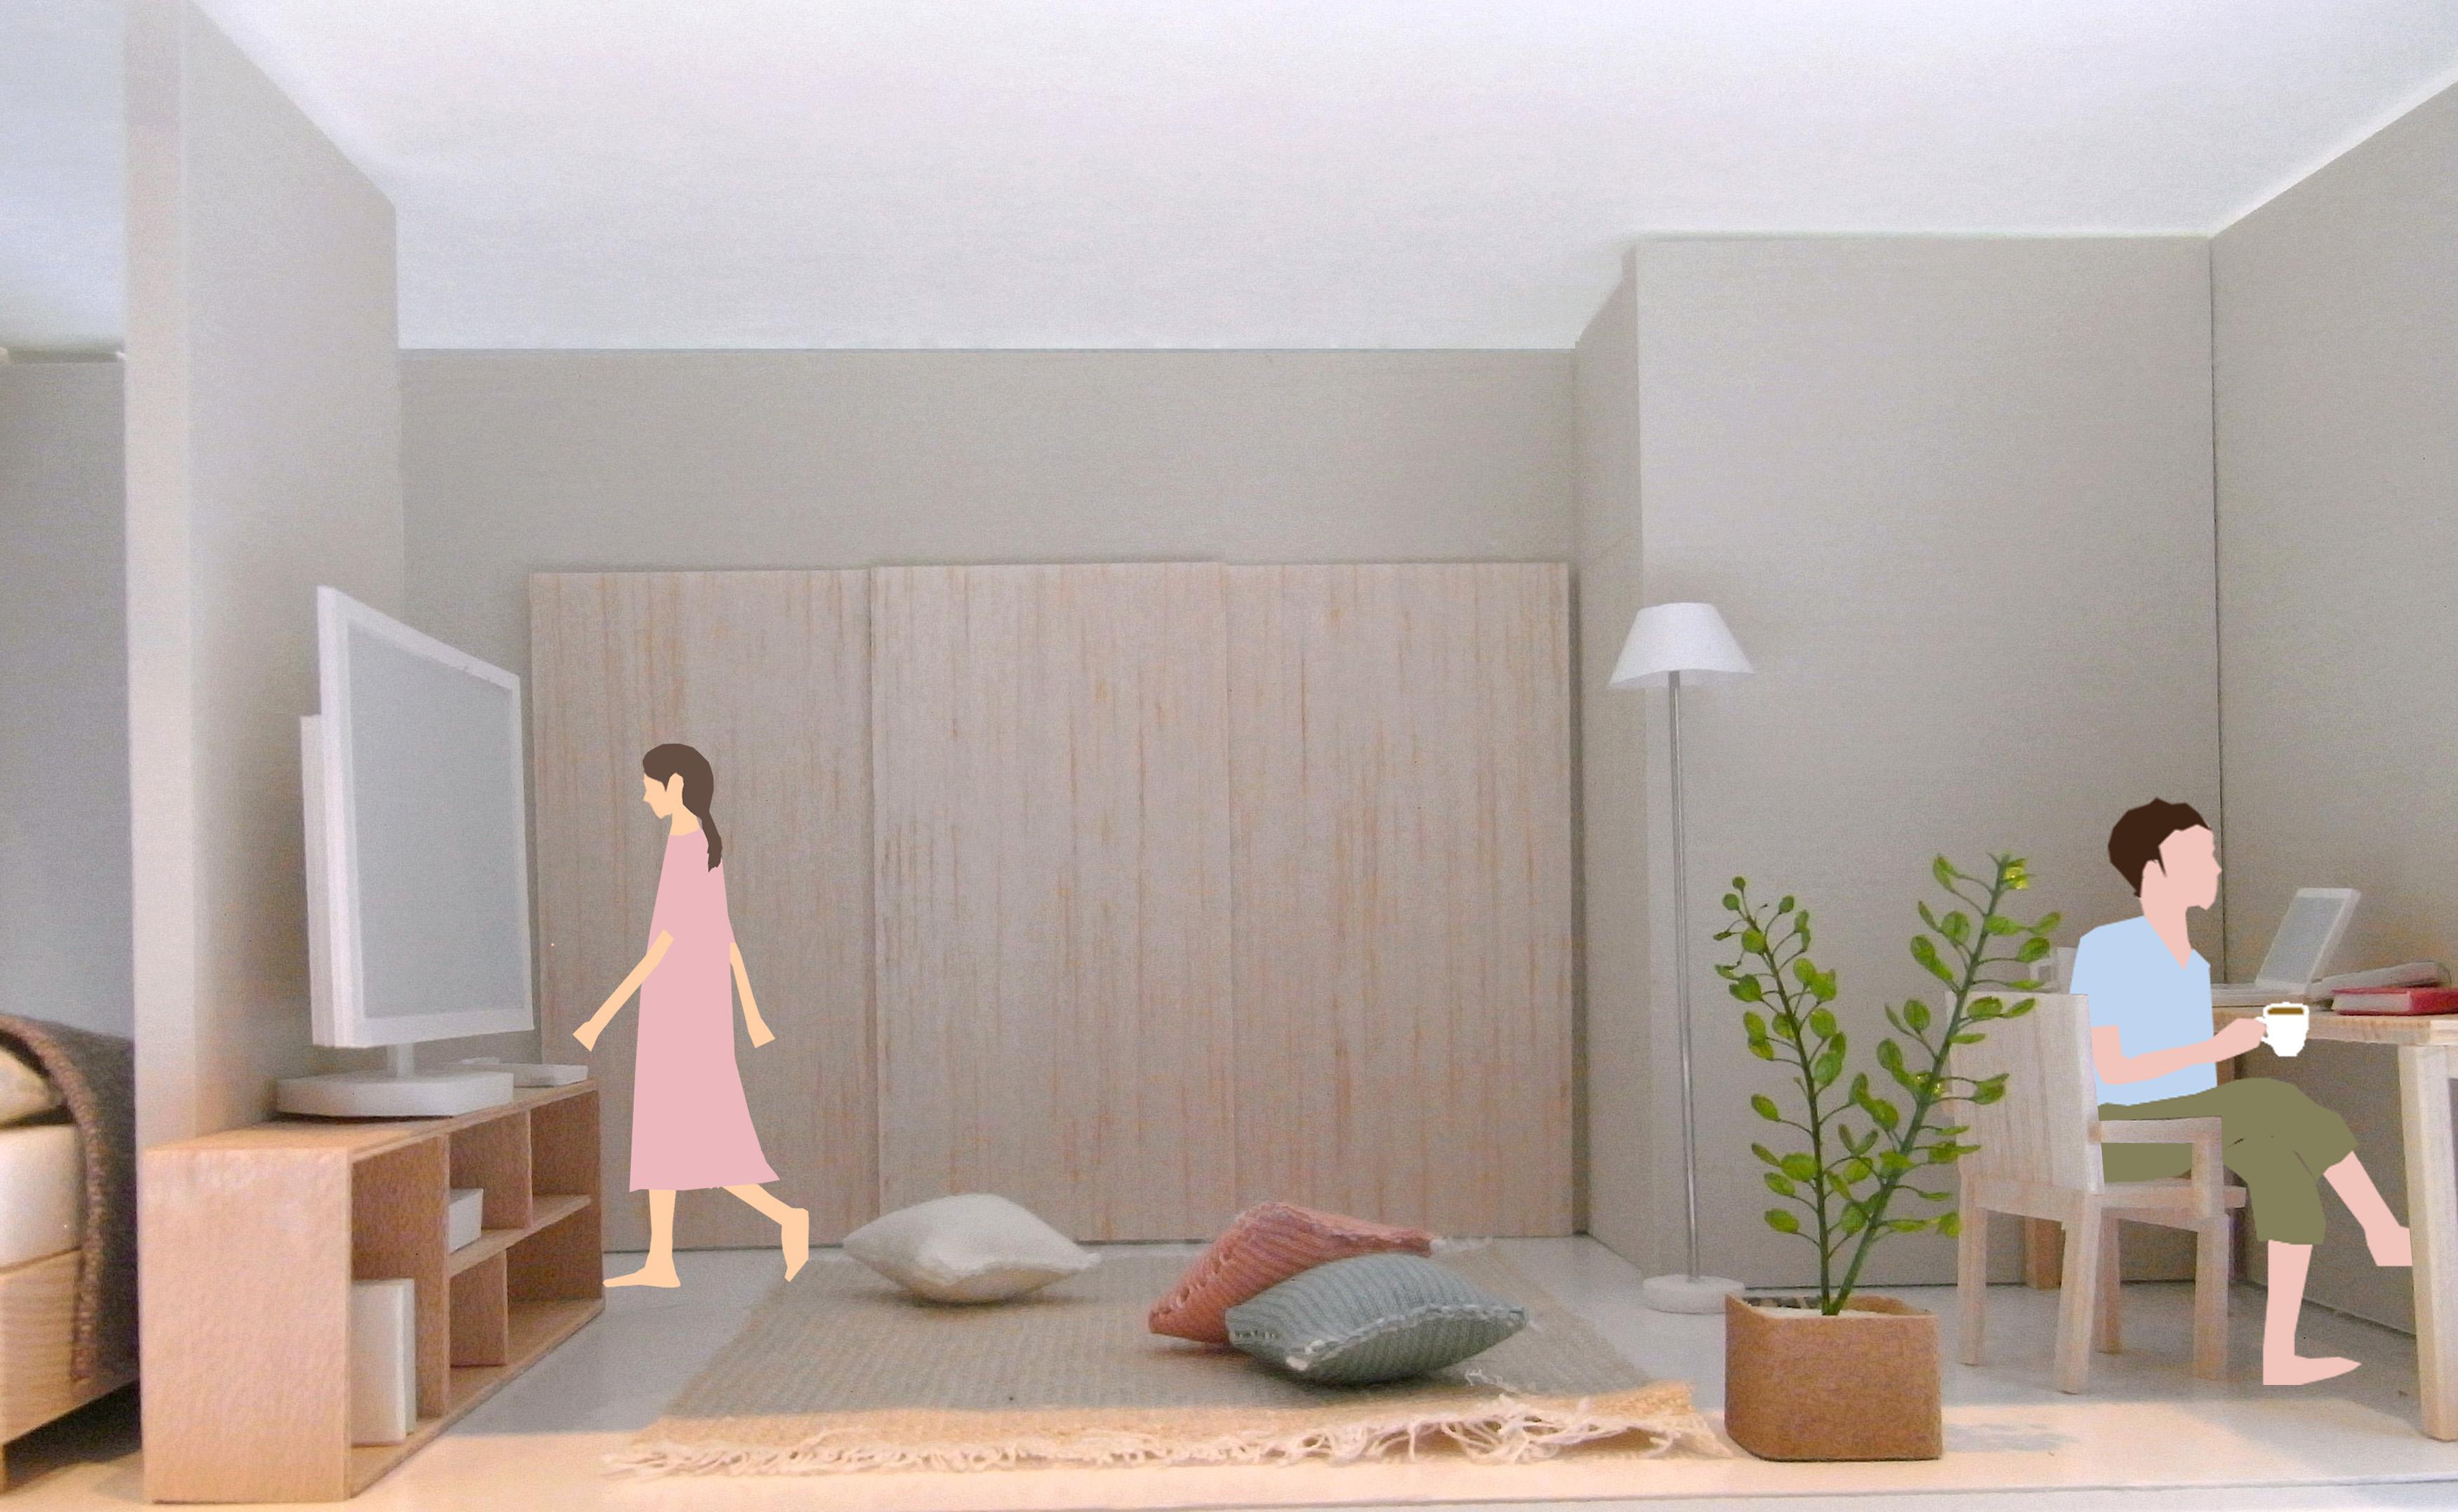 Nマンション内装計画